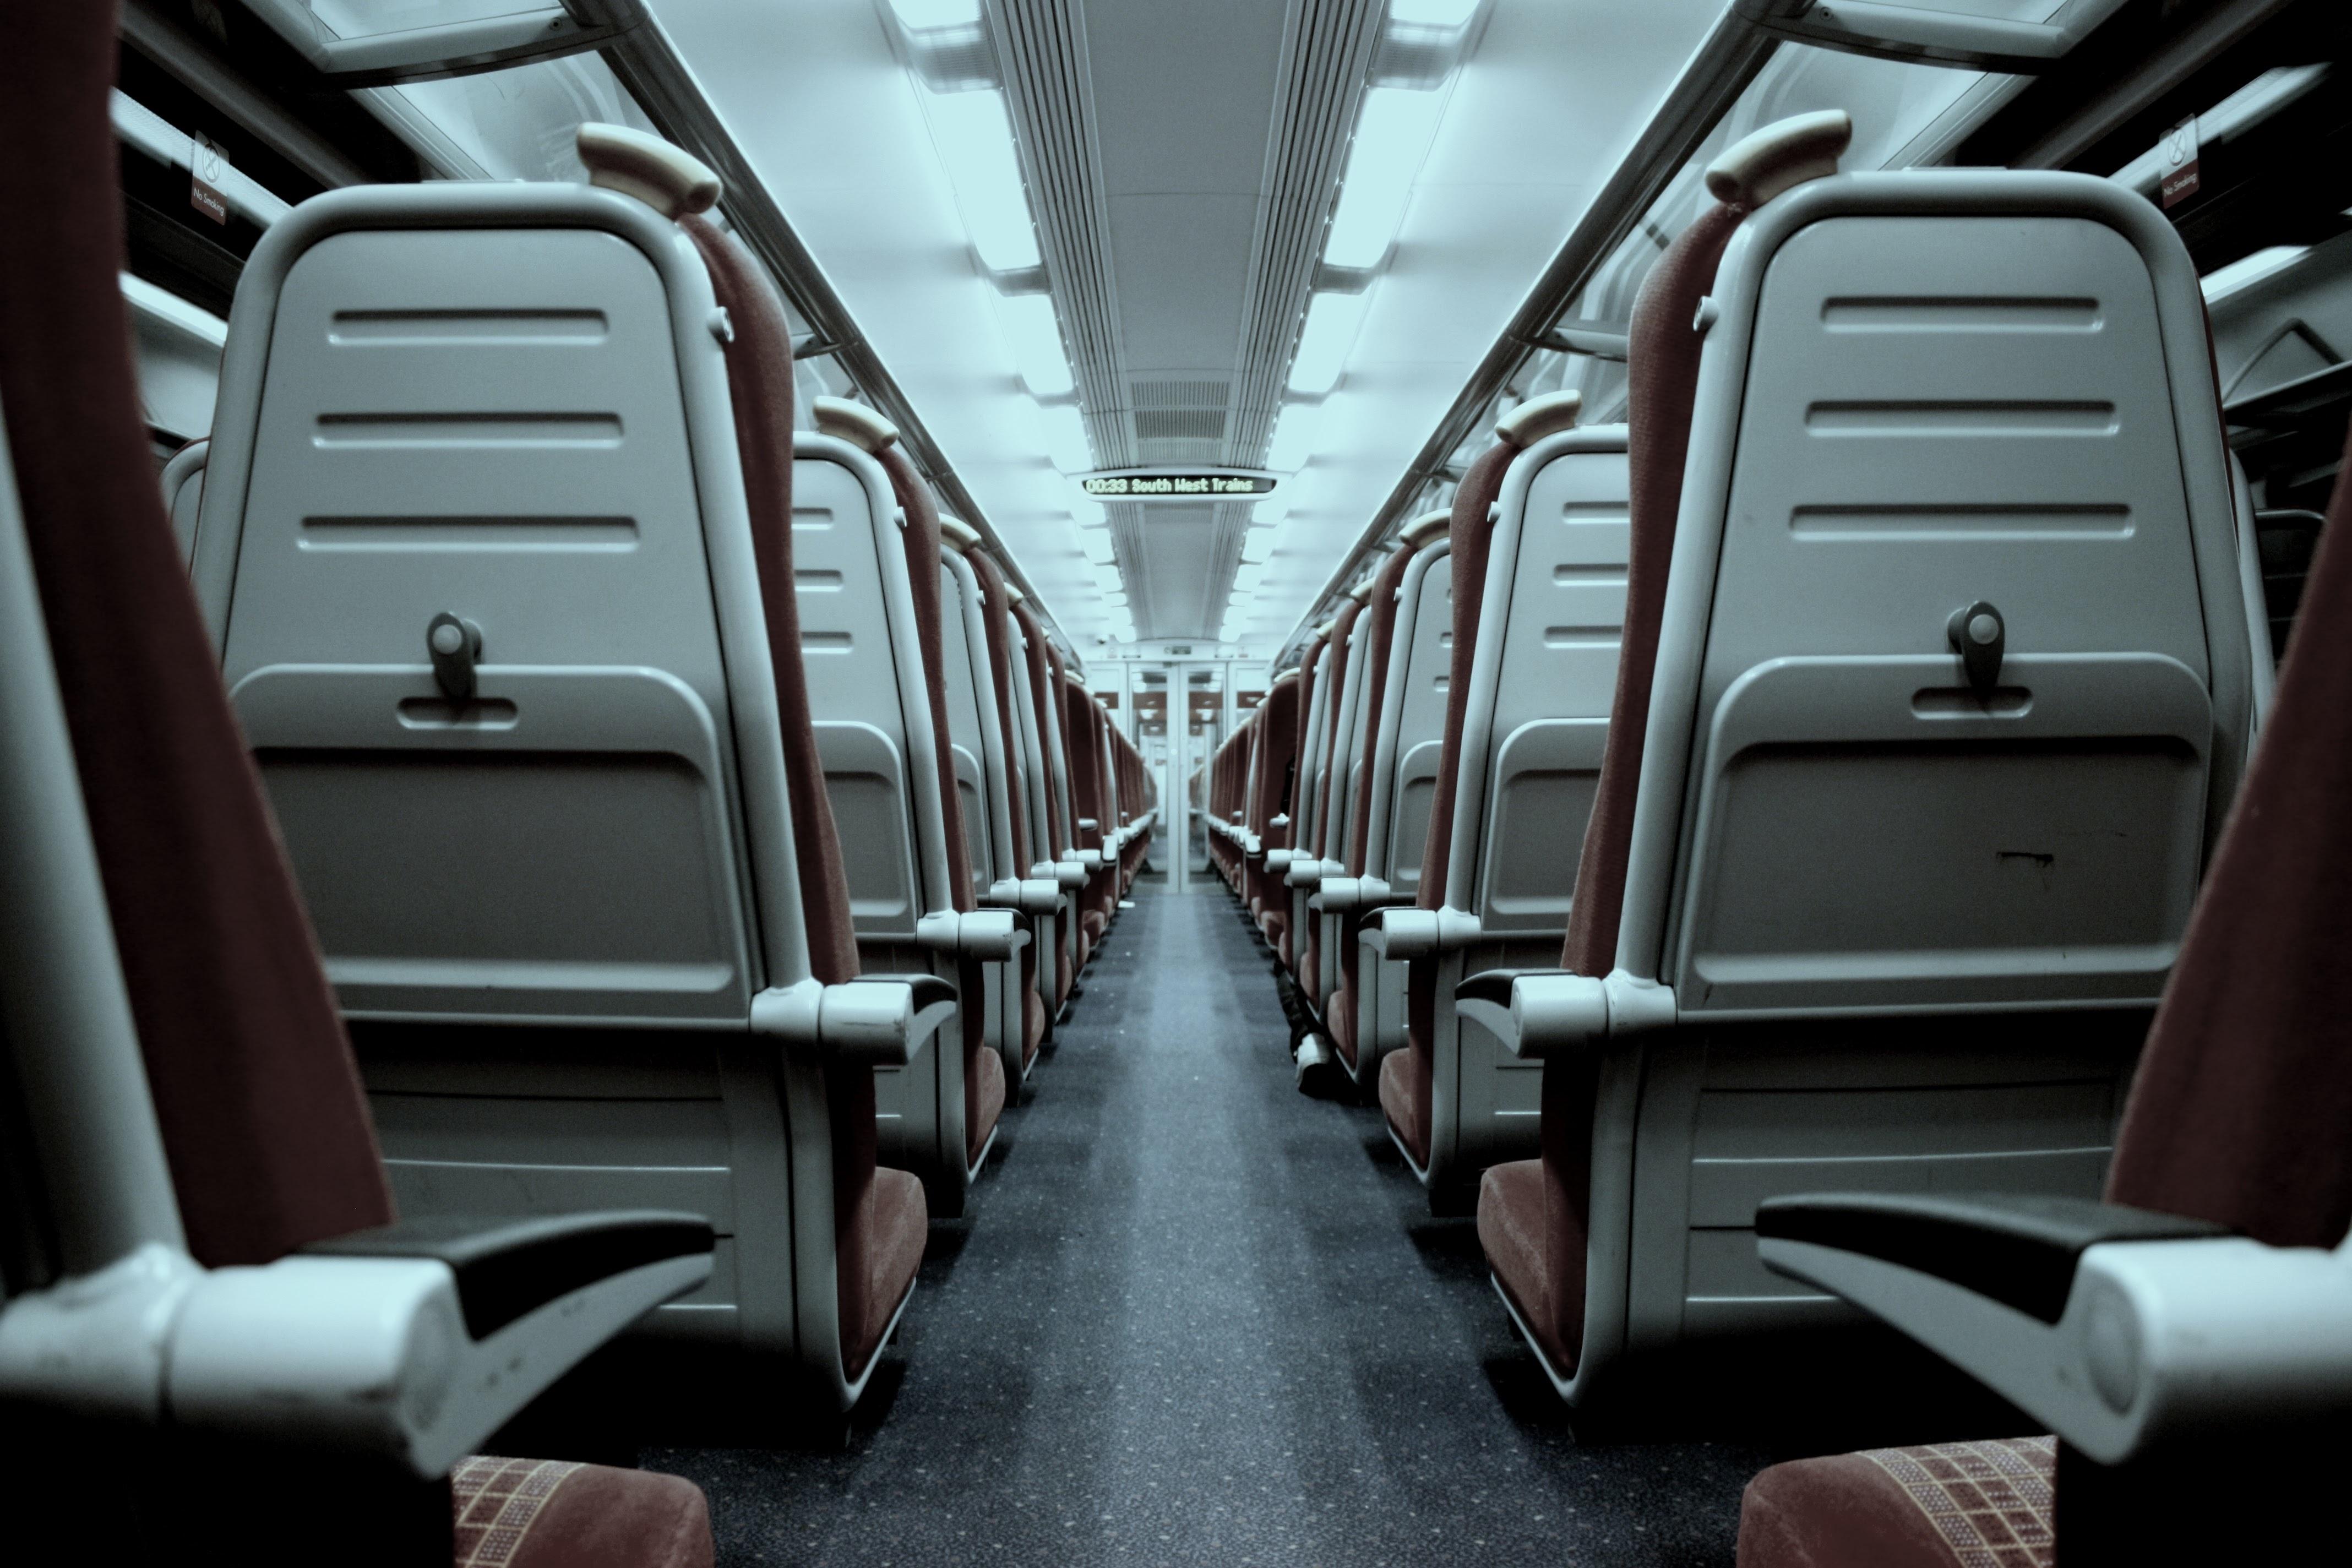 Viaje en bus - 1 part 6